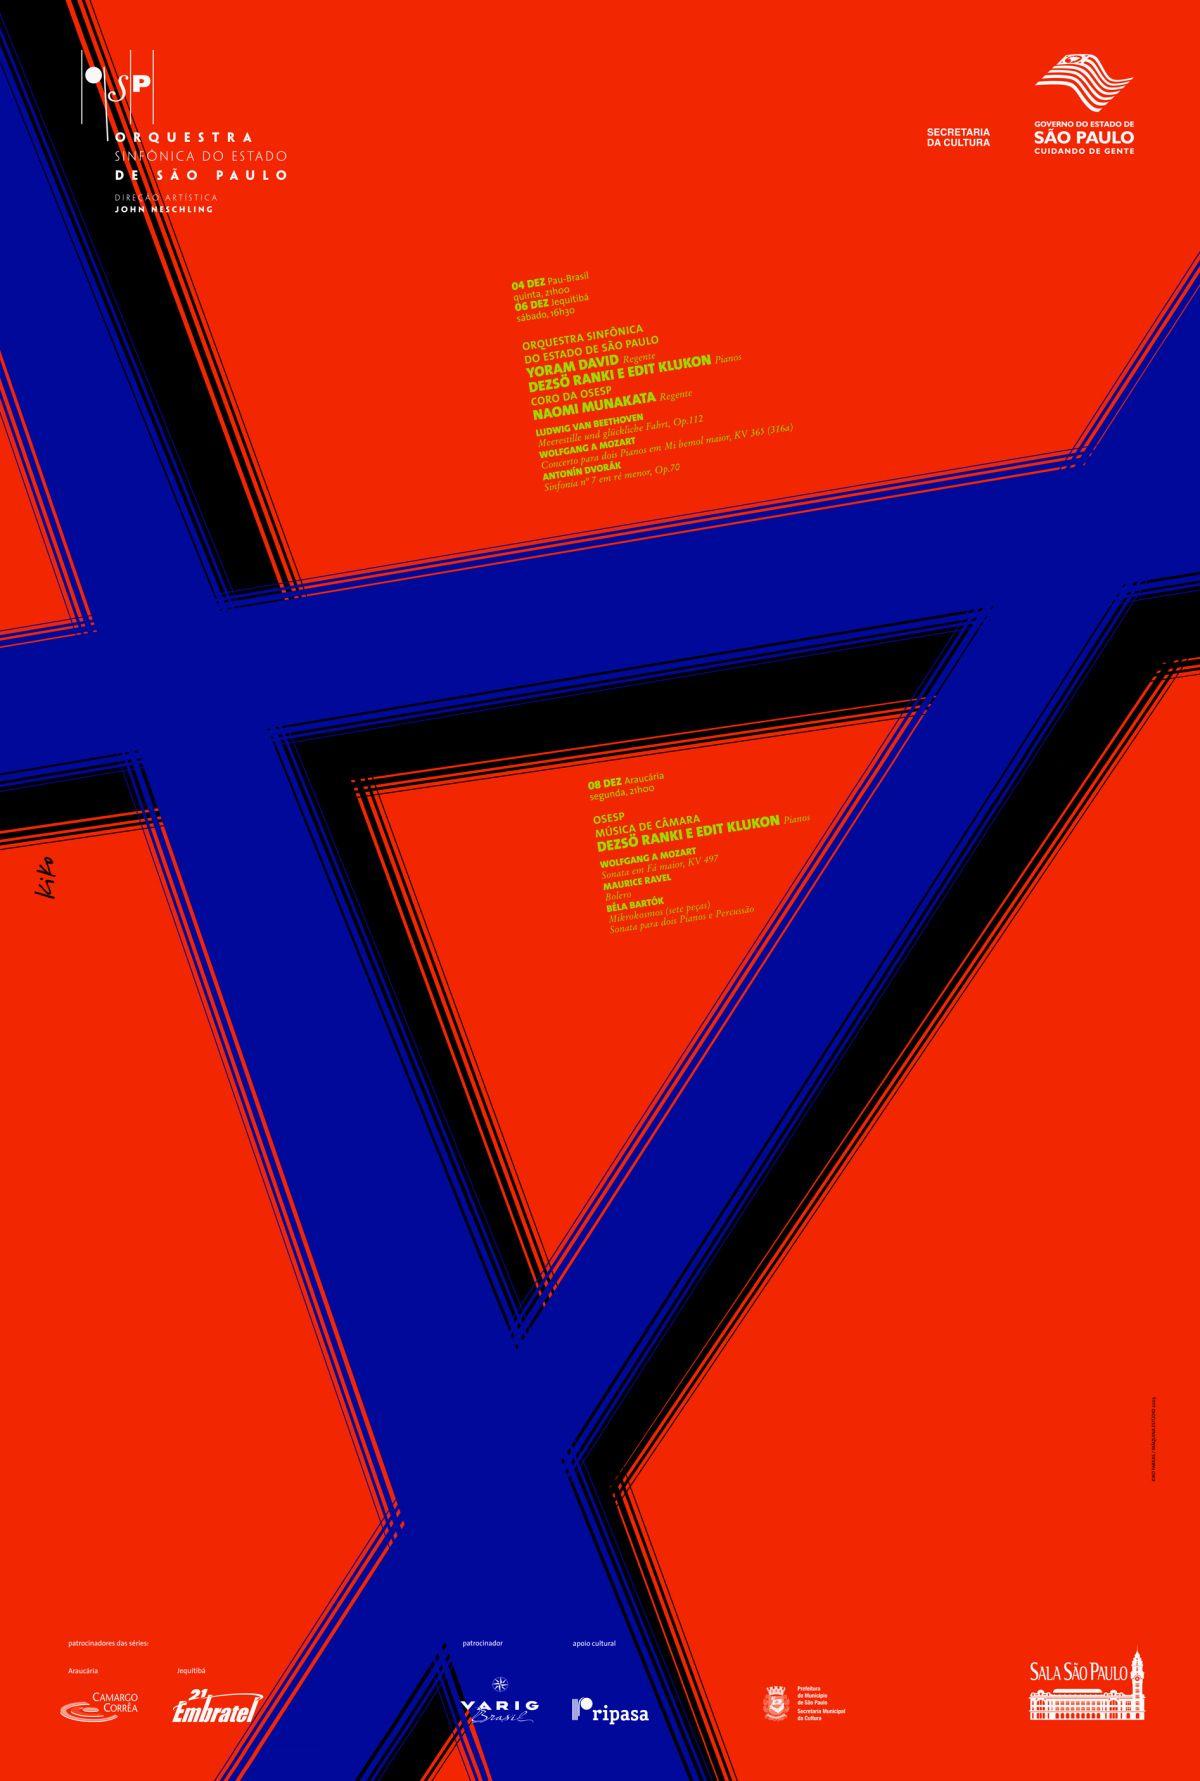 {title} imagens) Cartaz, Projetos de design gráfico